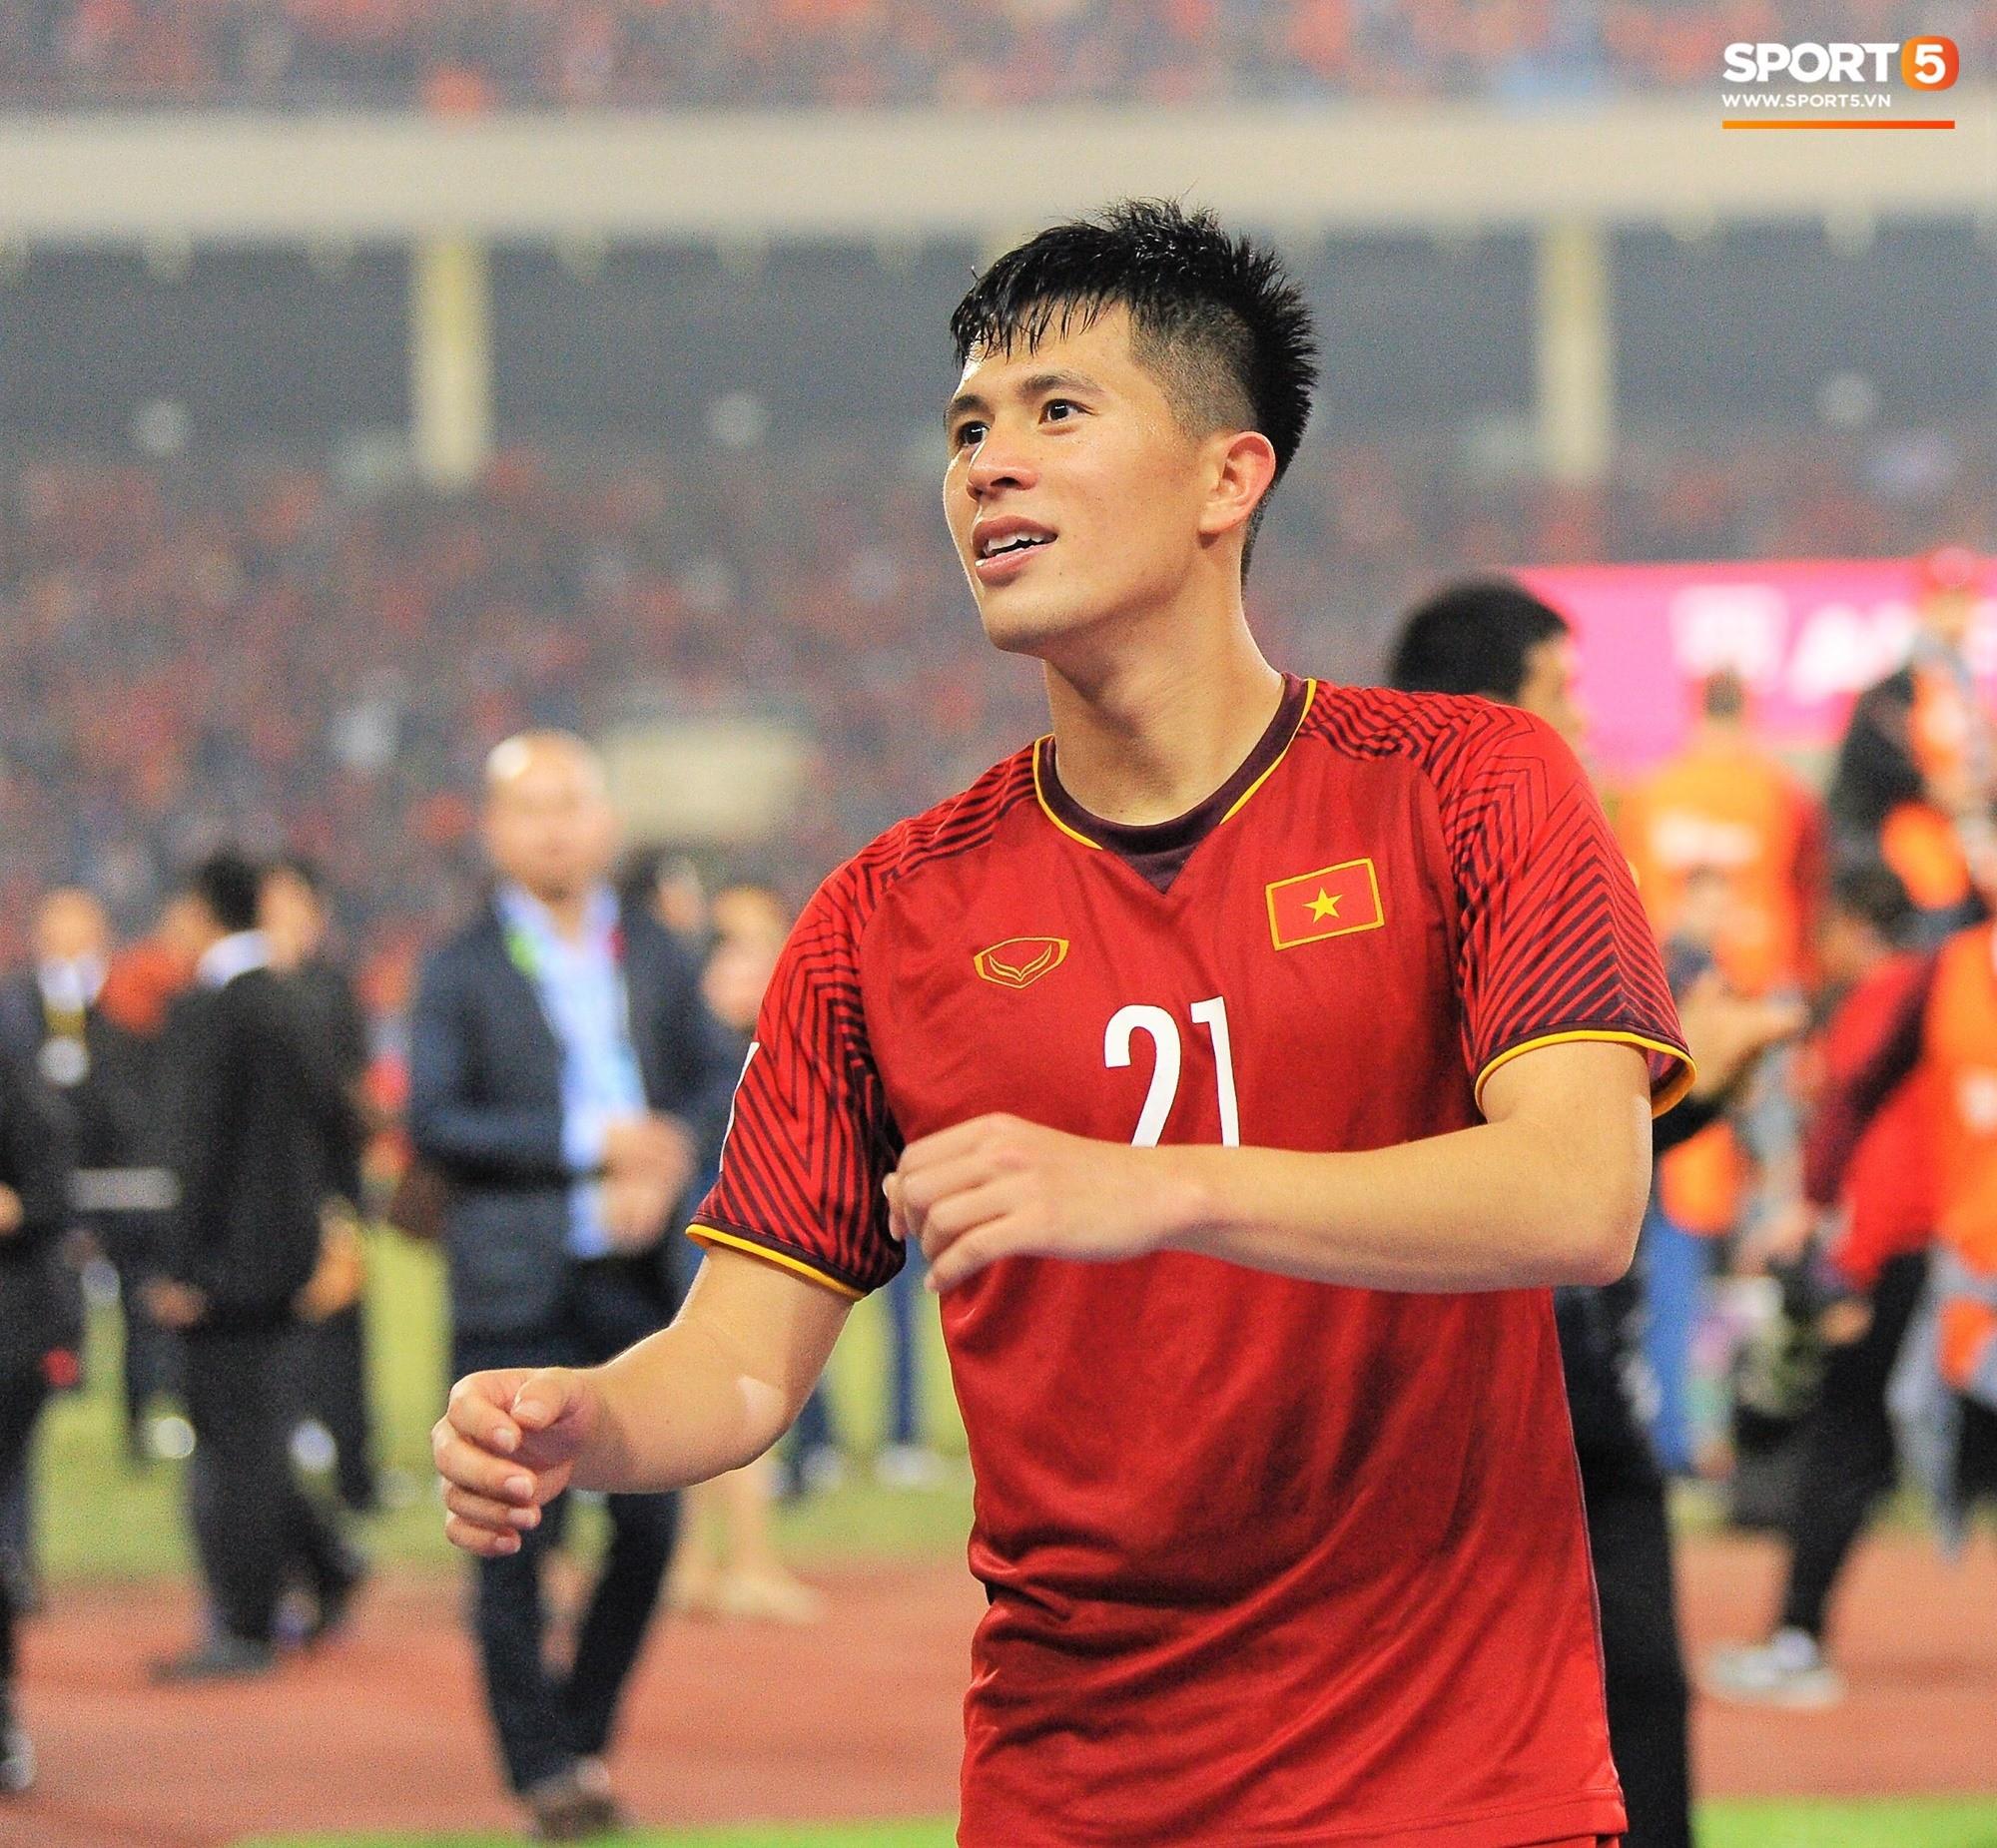 Đội tuyển Việt Nam chạy nước rút trước khi sang Hàn Quốc ...